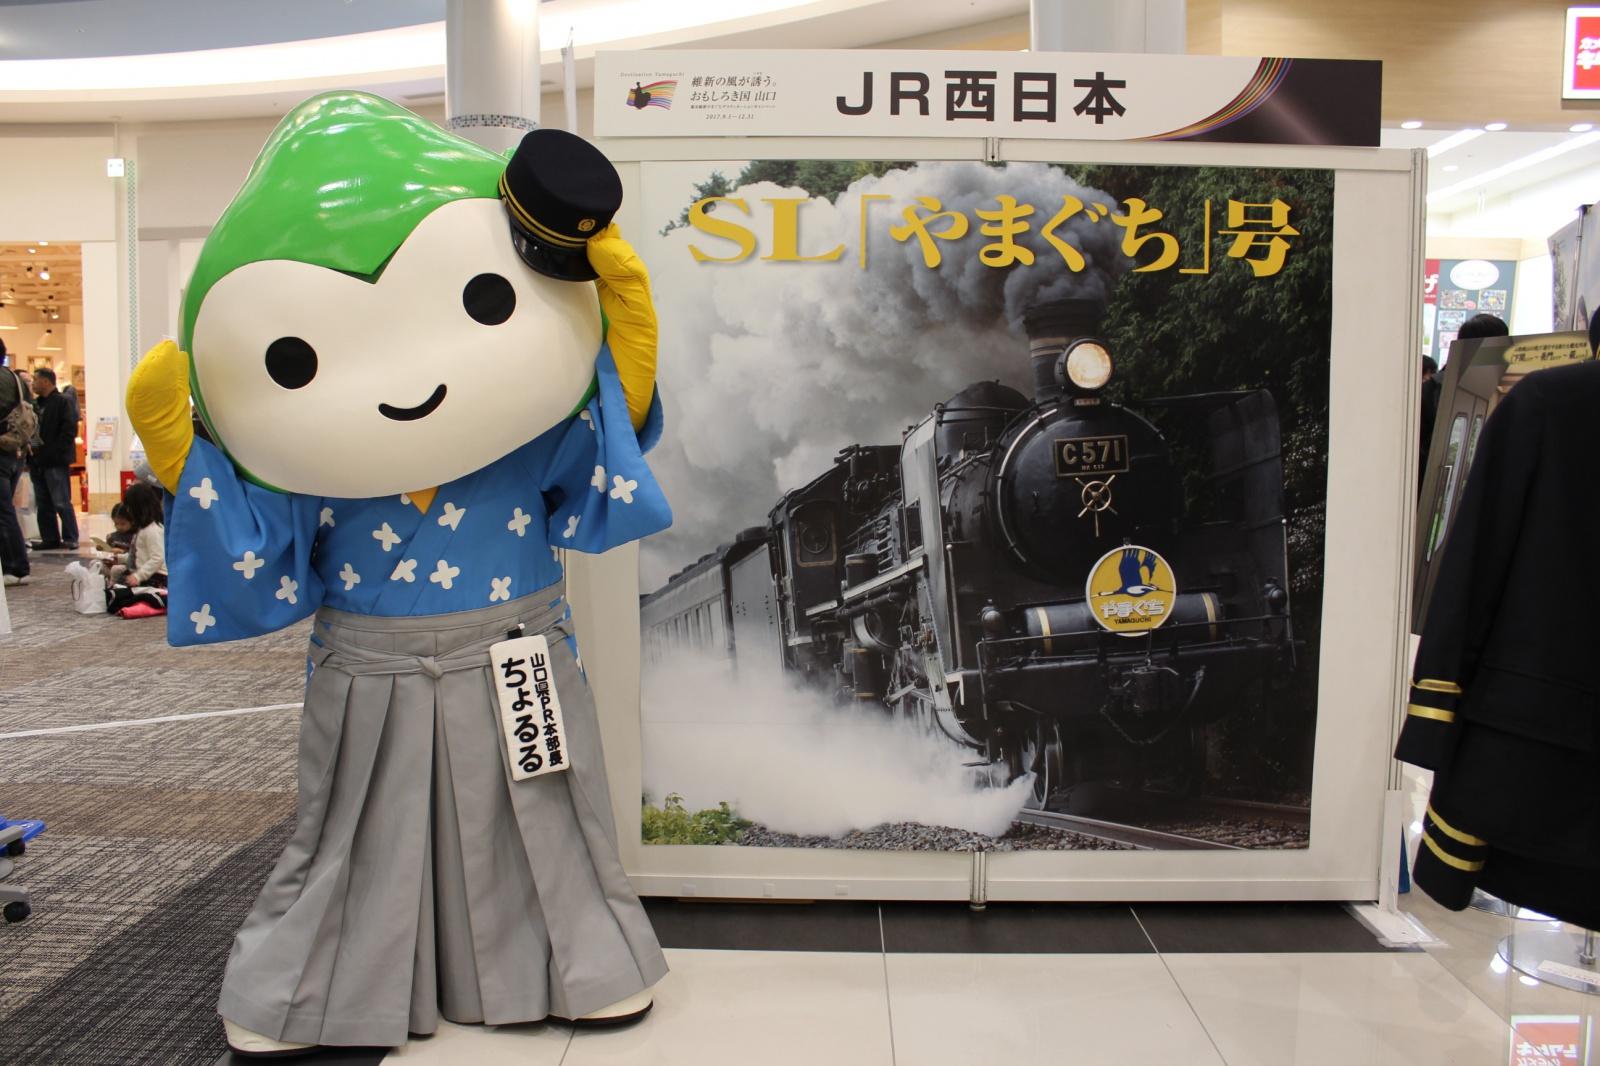 広島県のおともだちに「幕末維新やまぐちデスティネーションキャンペーン」をPRしたよ☆彡